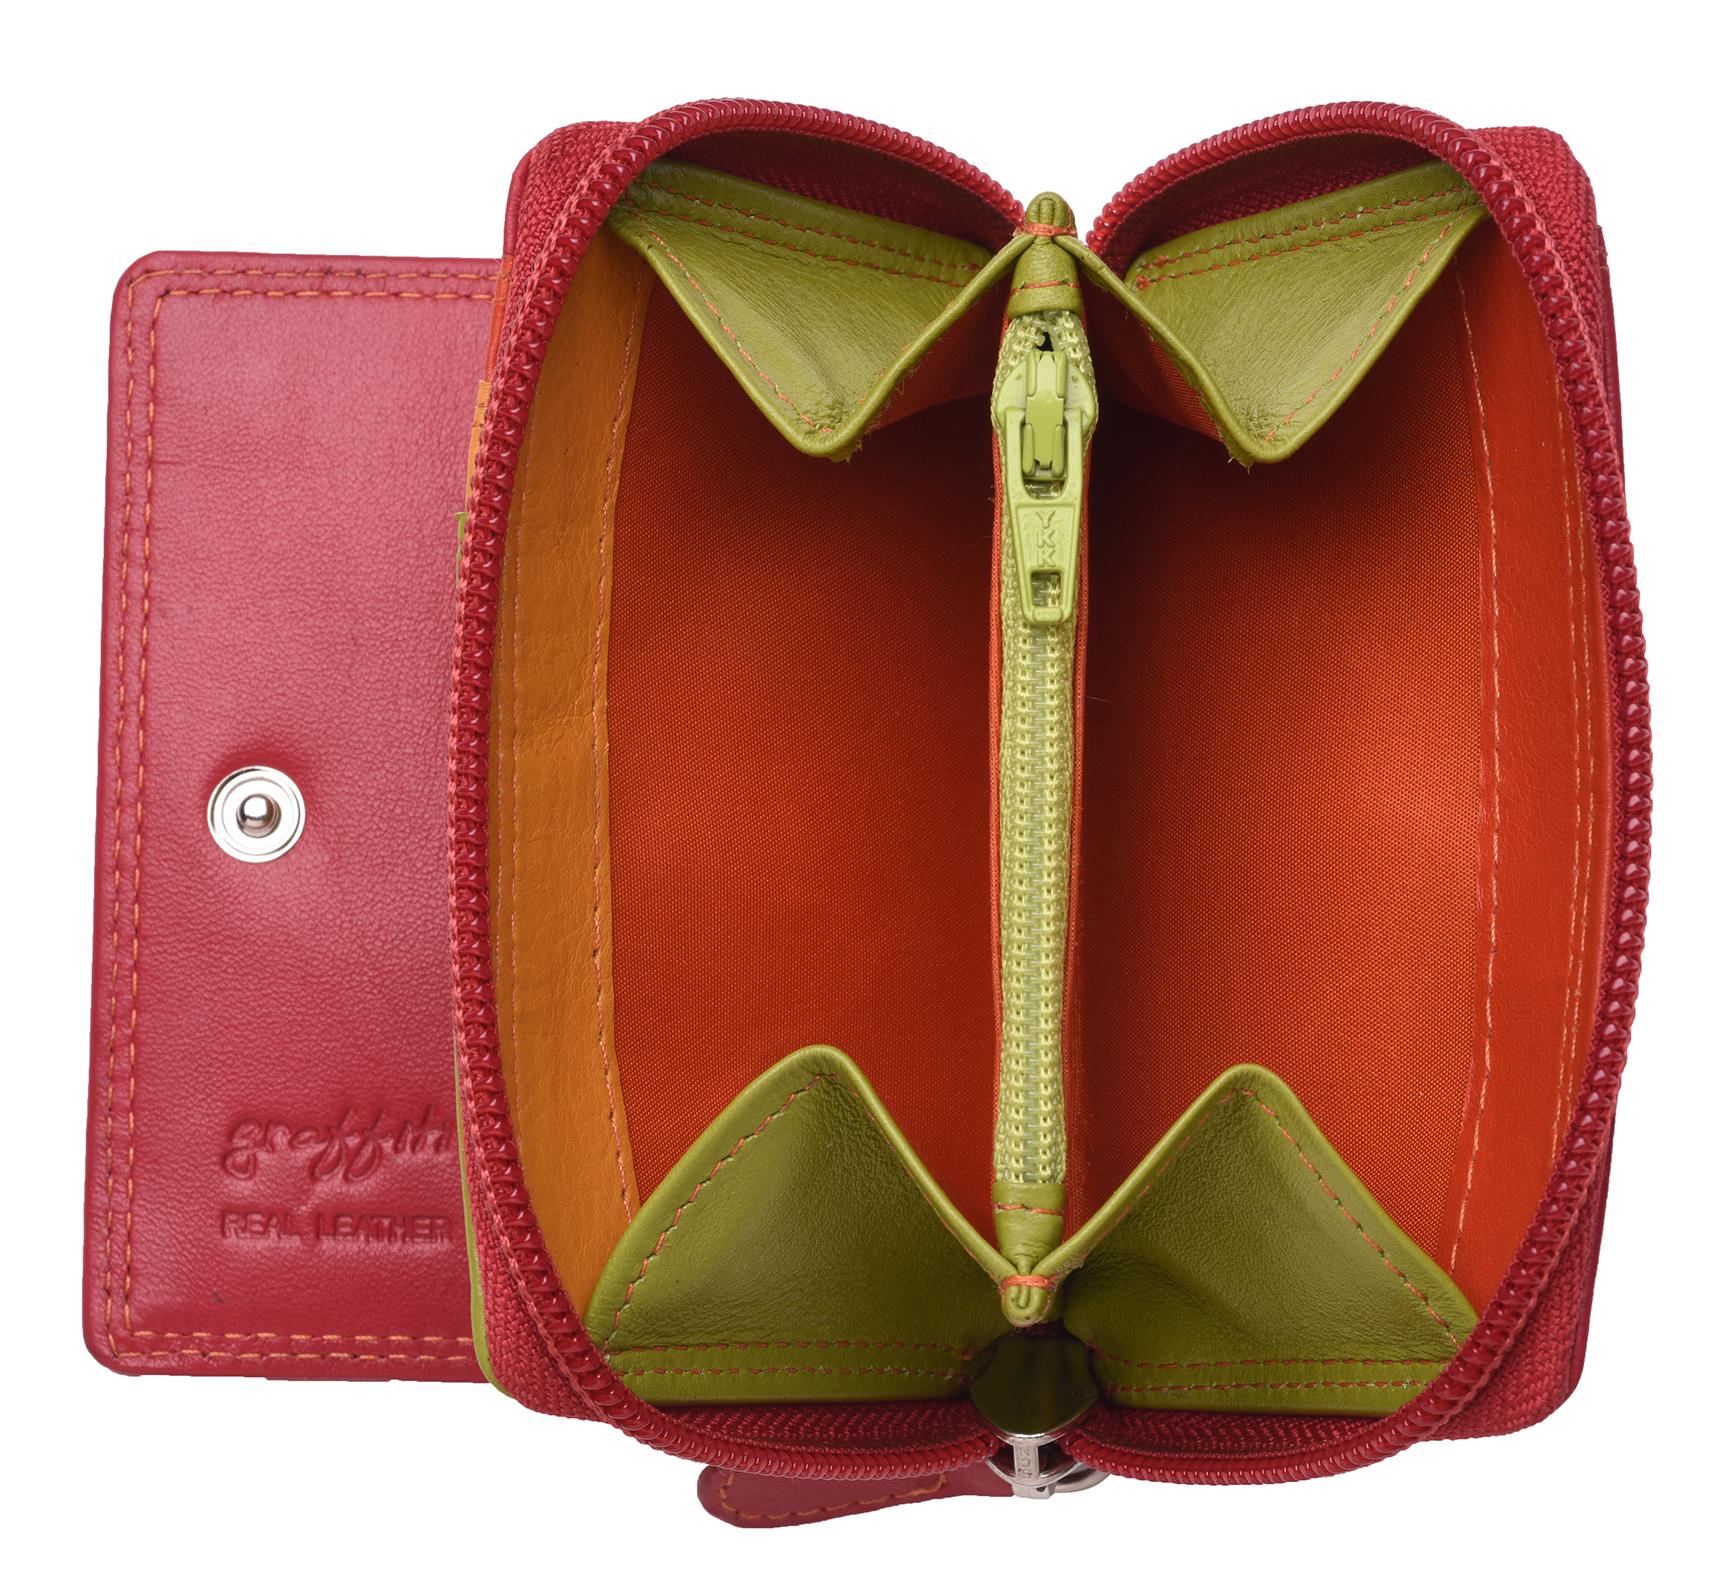 Femme-Femmes-RFID-Bloquant-en-Cuir-Veritable-Petit-Sac-a-main-portefeuille-vert-rose-rouge miniature 7